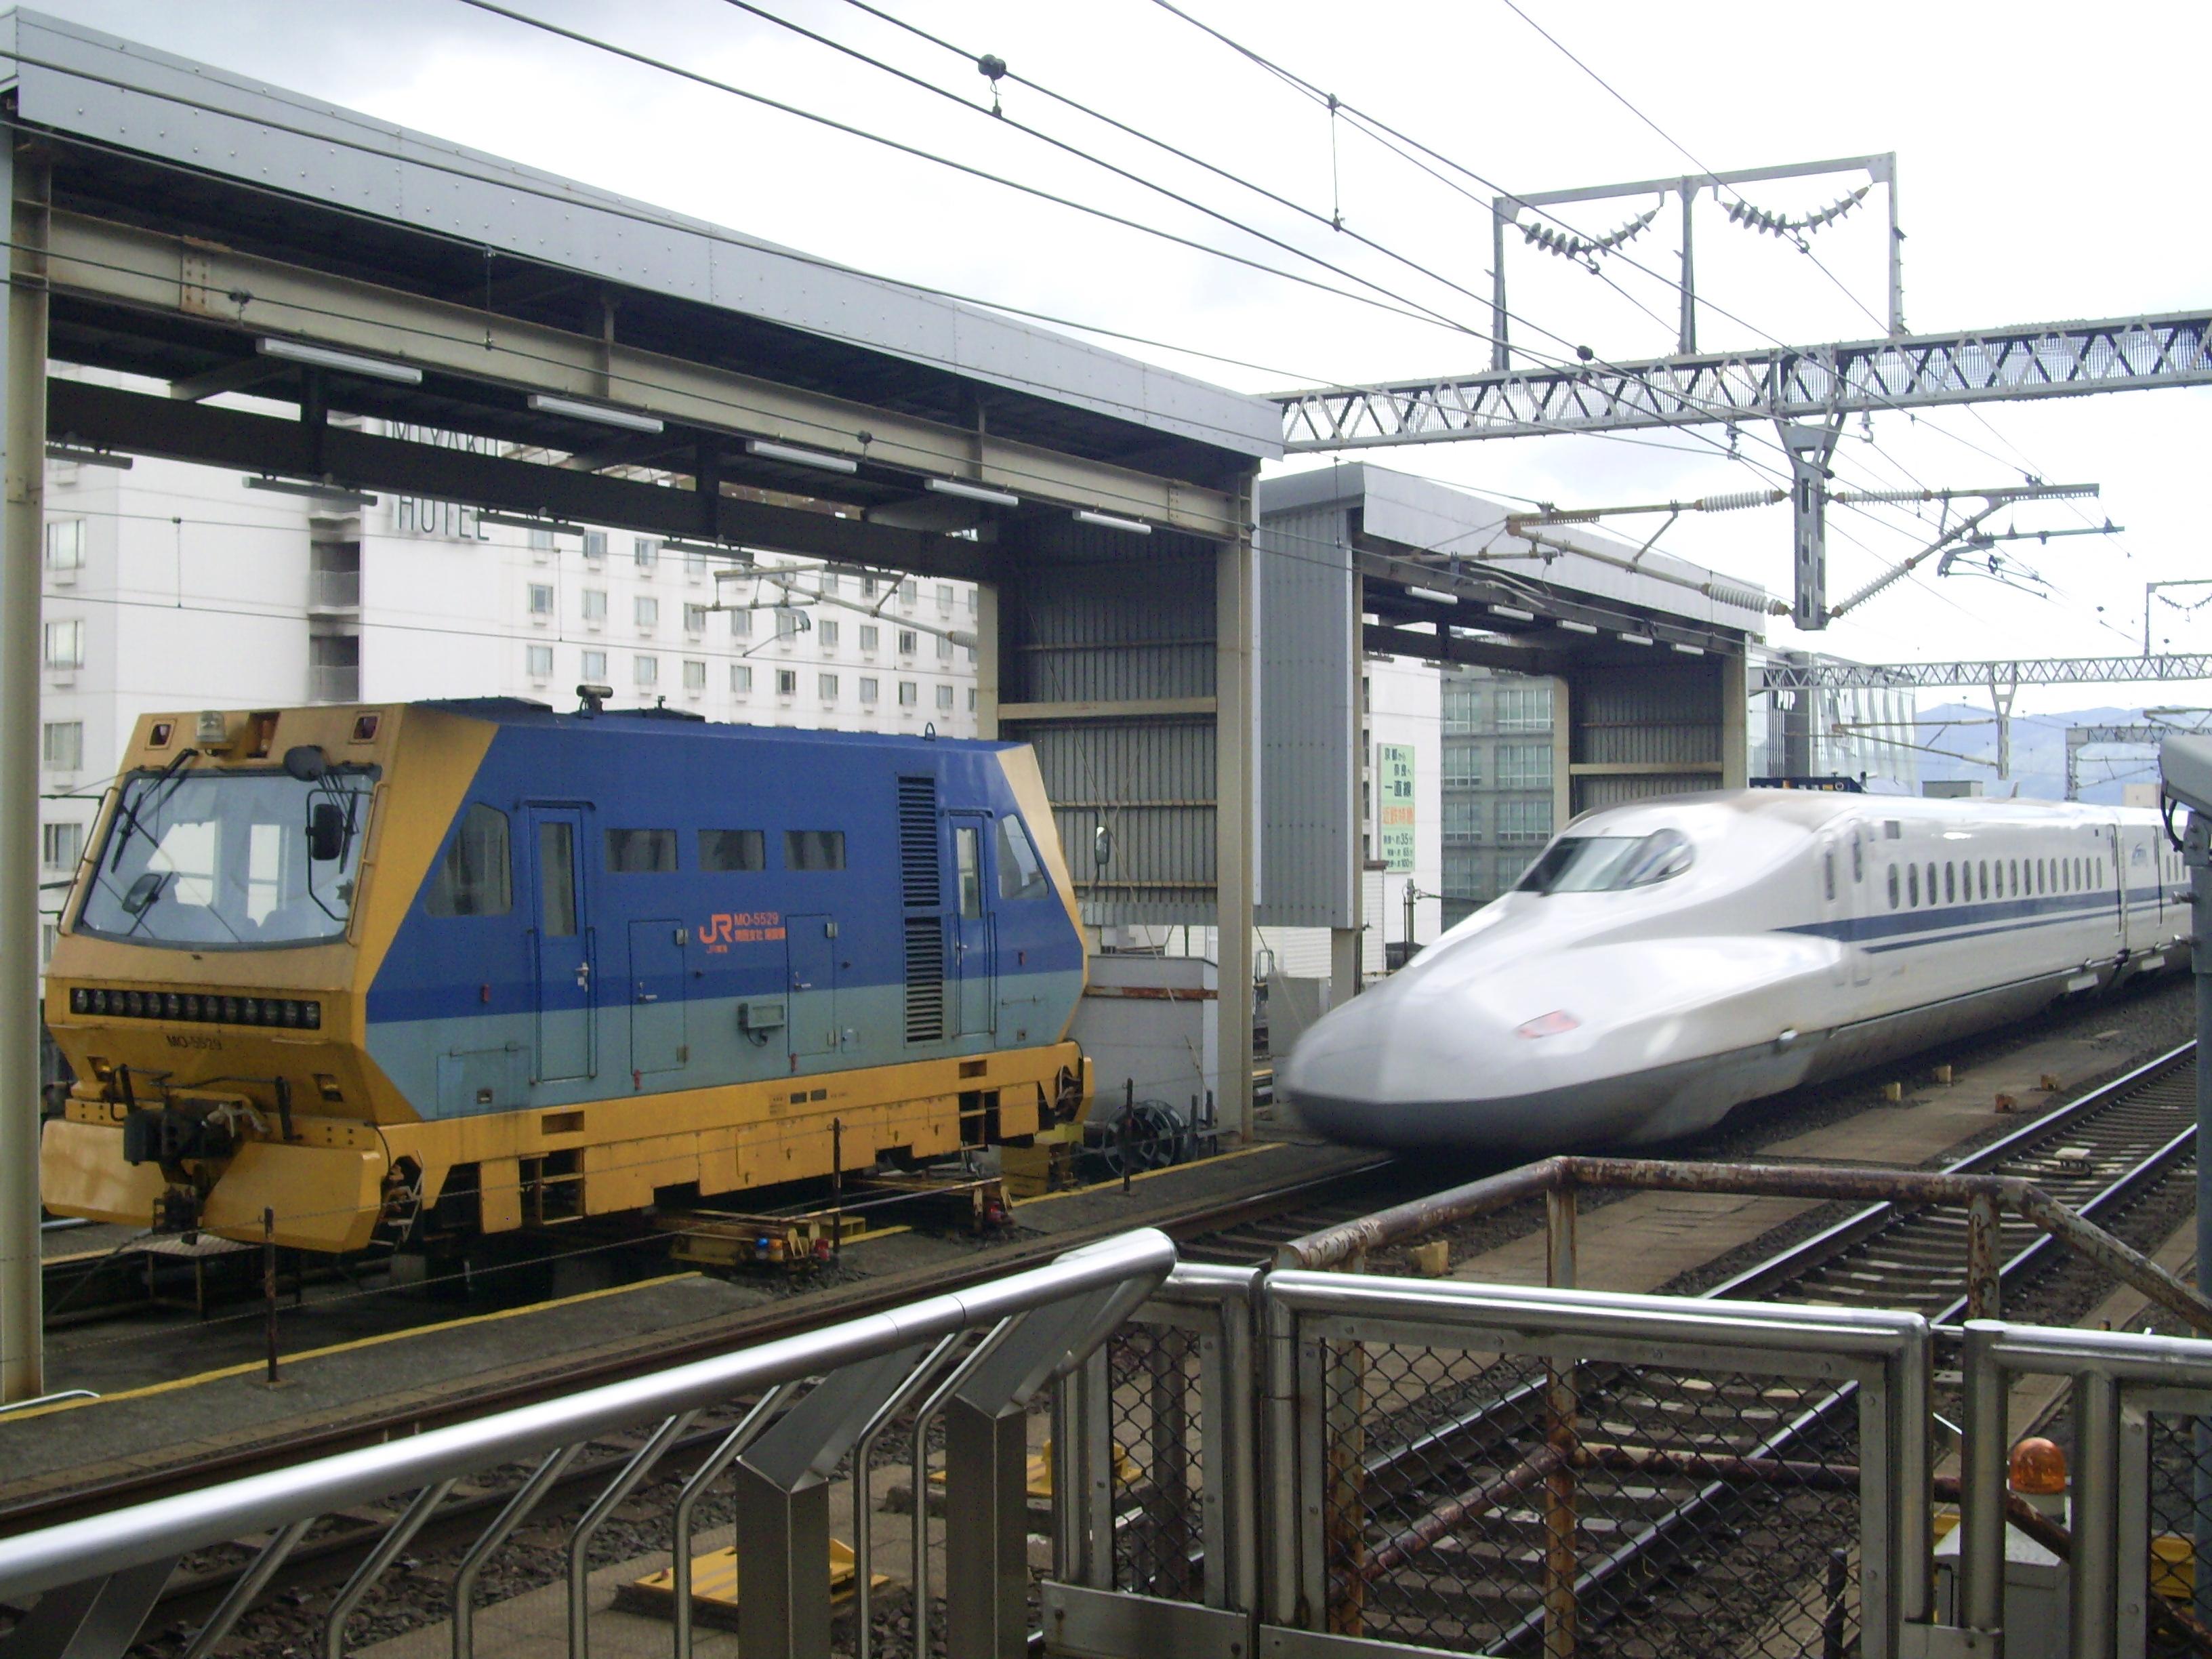 https://upload.wikimedia.org/wikipedia/commons/c/cb/Tokaido_Shinkansen_Kyoto_station_railway_track_maintenancea_line_01.jpg